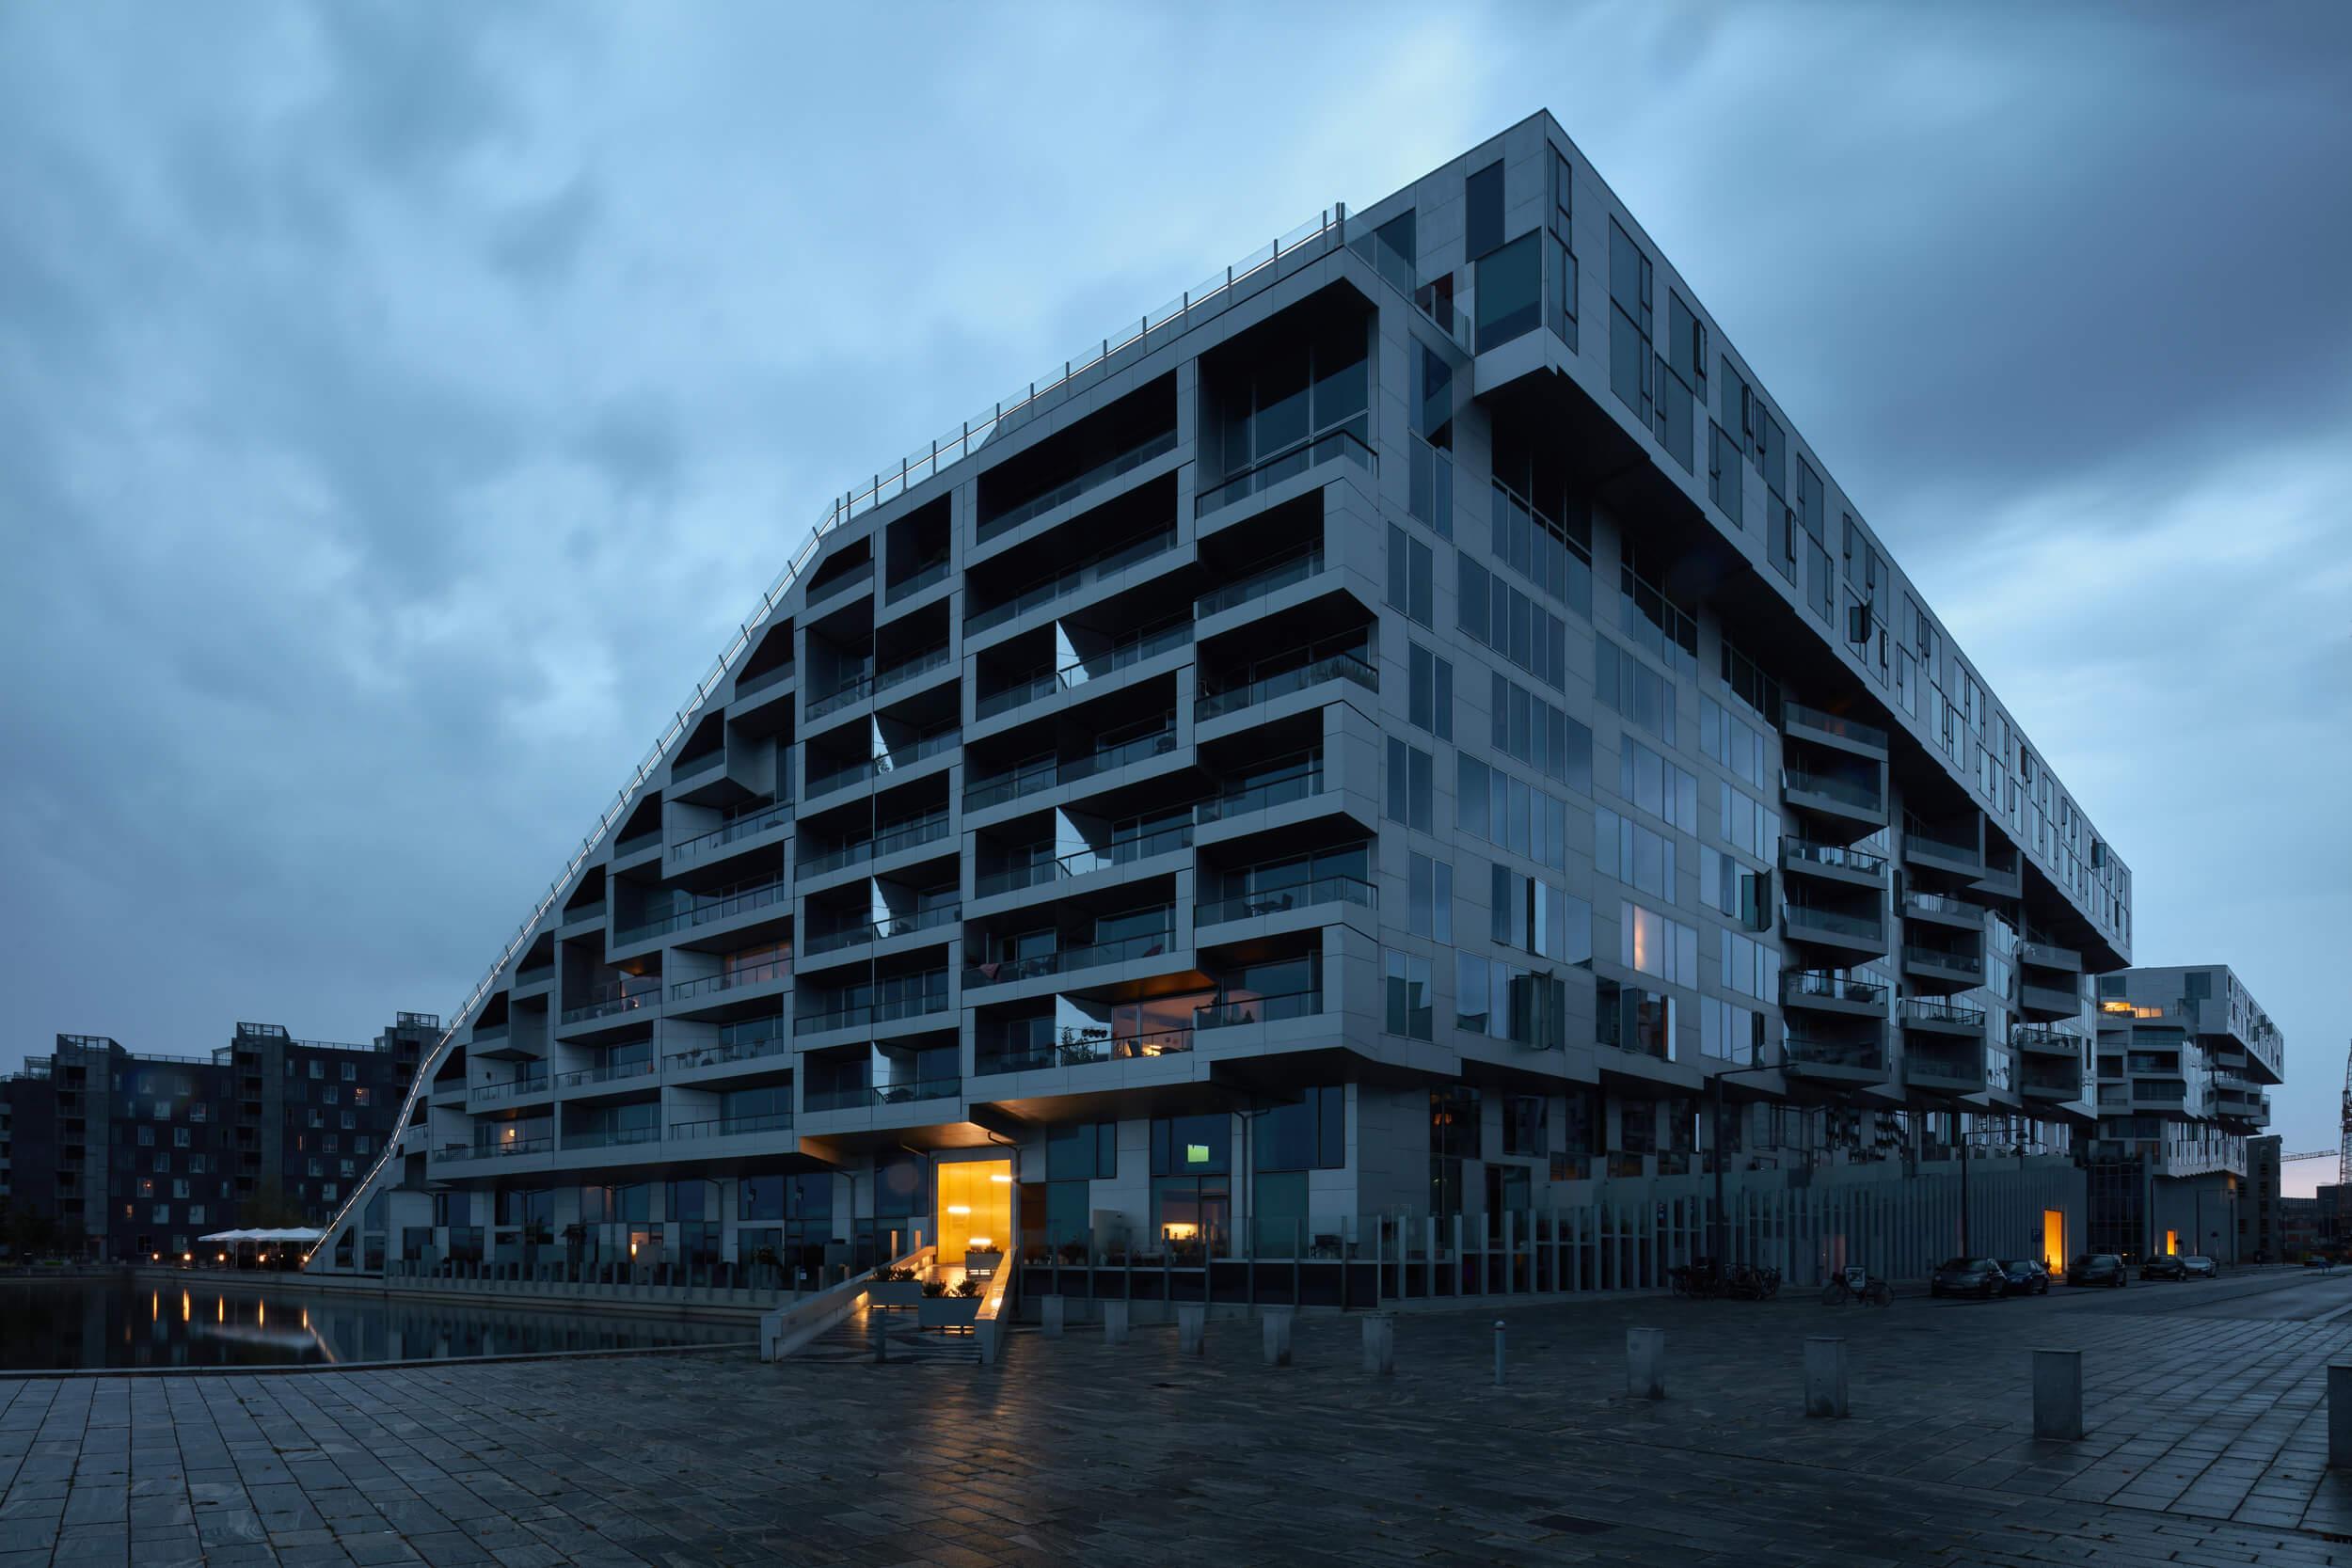 8 house<br>BIG<br>Bjarke Ingels Group